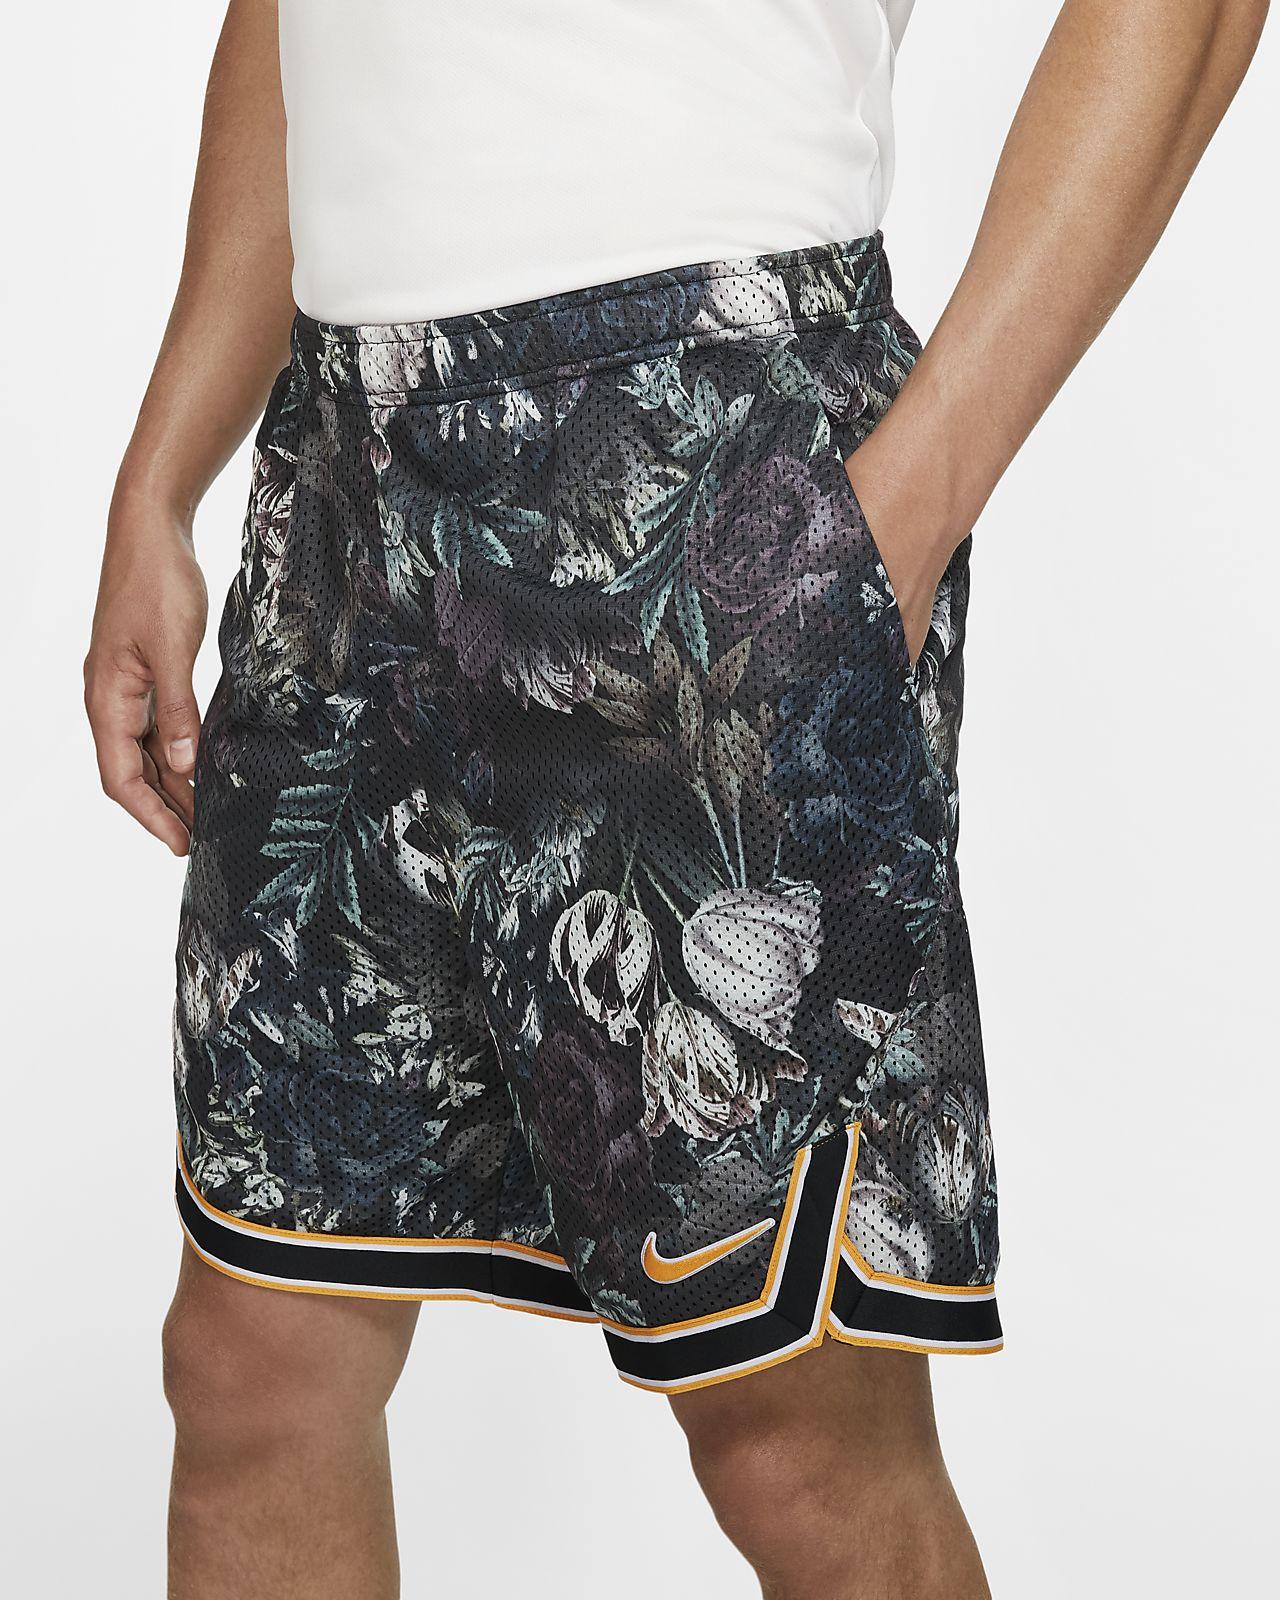 NikeCourt Flex Ace Herren-Tennisshorts mit Print (ca. 23 cm)